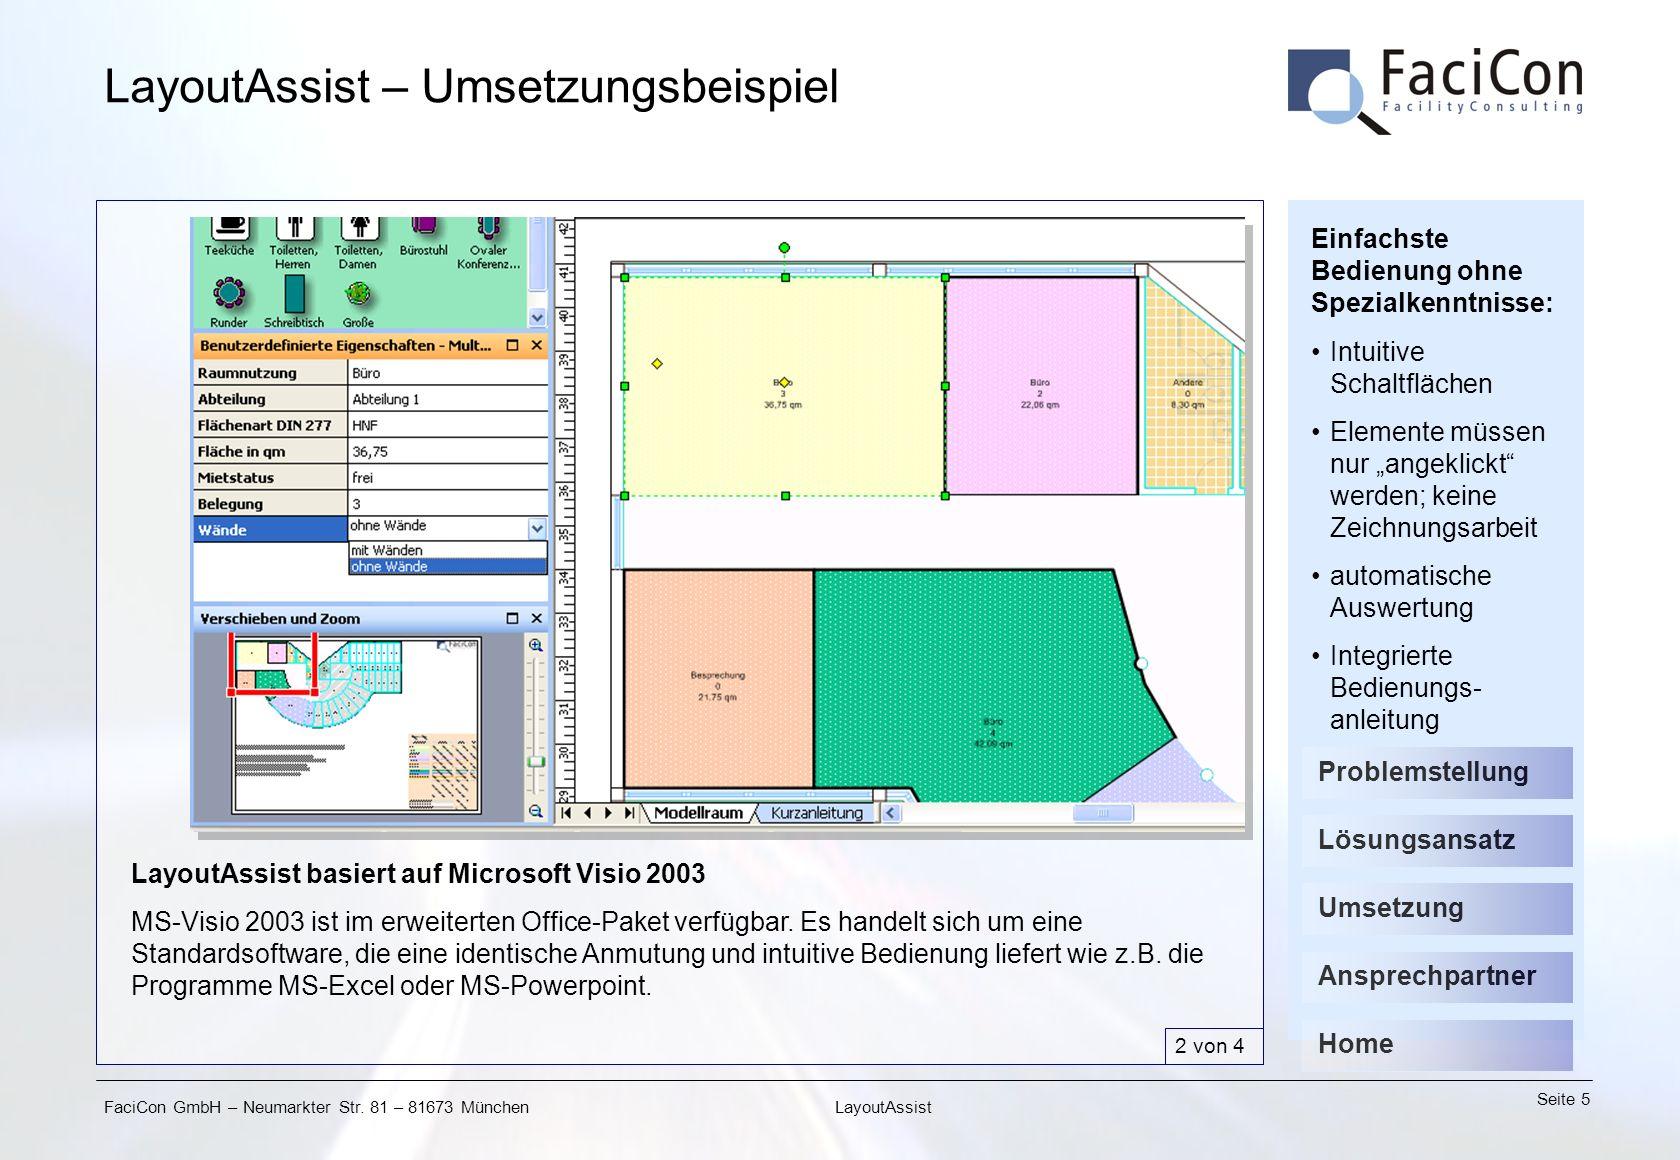 FaciCon GmbH – Neumarkter Str. 81 – 81673 München Seite 5 LayoutAssist LayoutAssist – Umsetzungsbeispiel LayoutAssist basiert auf Microsoft Visio 2003